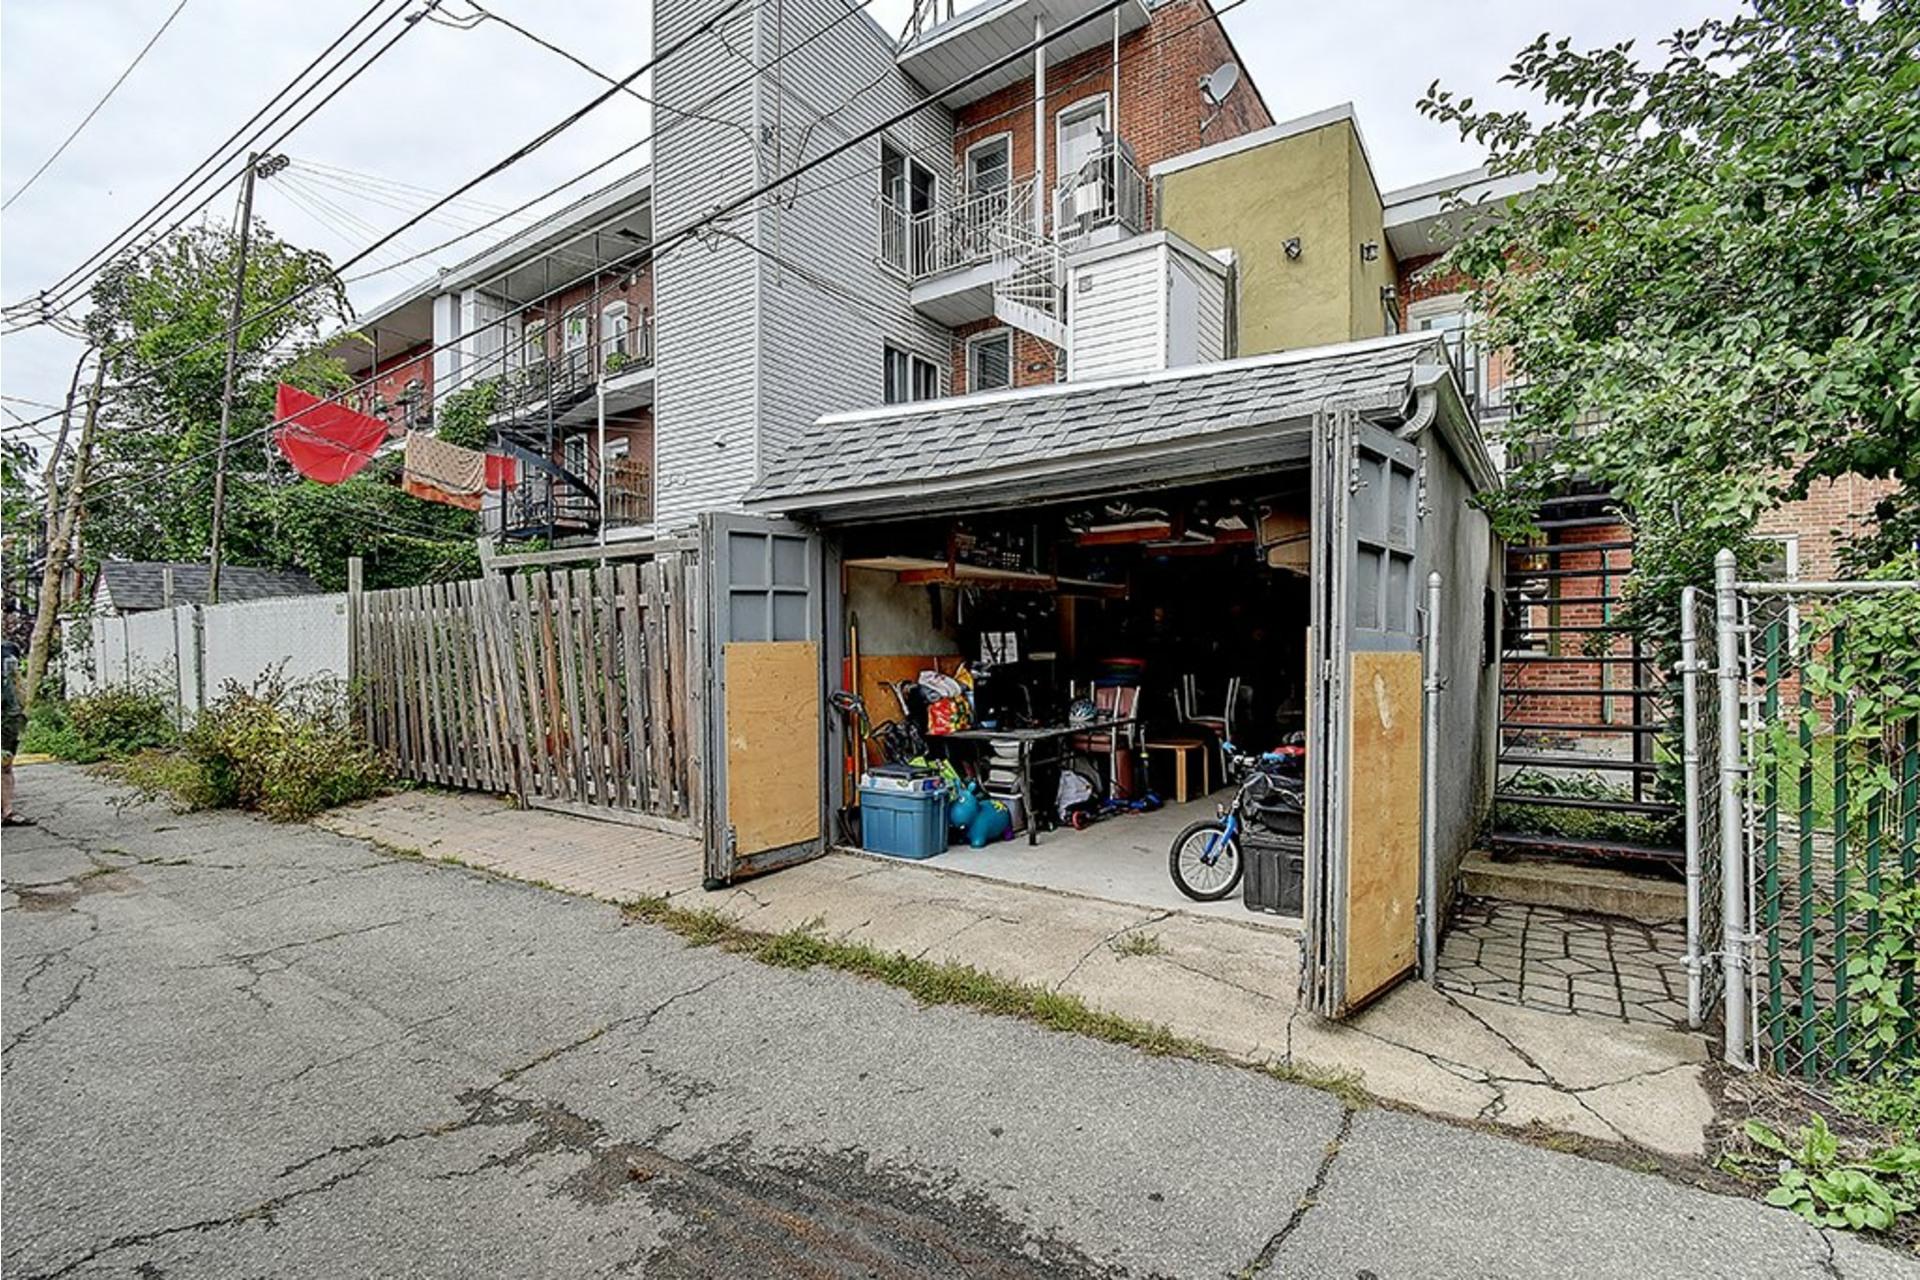 image 20 - Duplex À vendre Verdun/Île-des-Soeurs Montréal  - 5 pièces